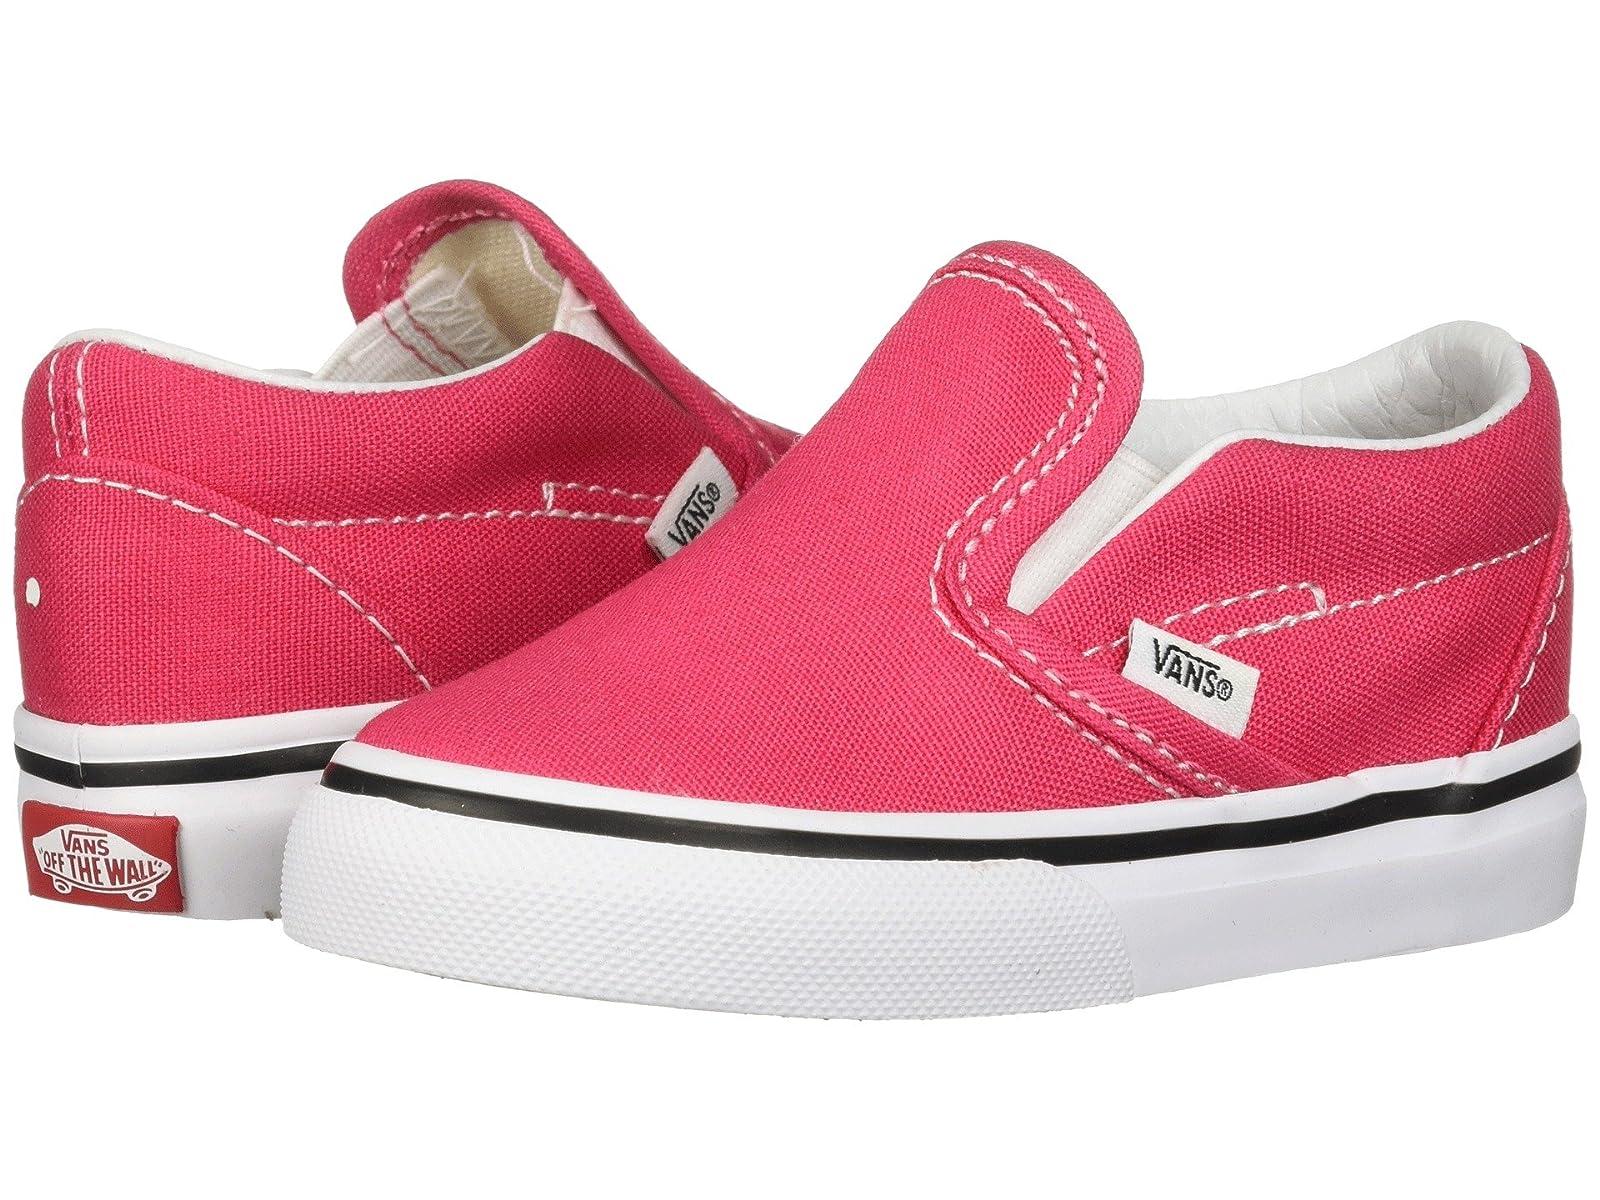 Vans :Men's/Women's:News Kids Classic Slip-On (Infant/Toddler) :Men's/Women's:News Vans Style 2c3d61